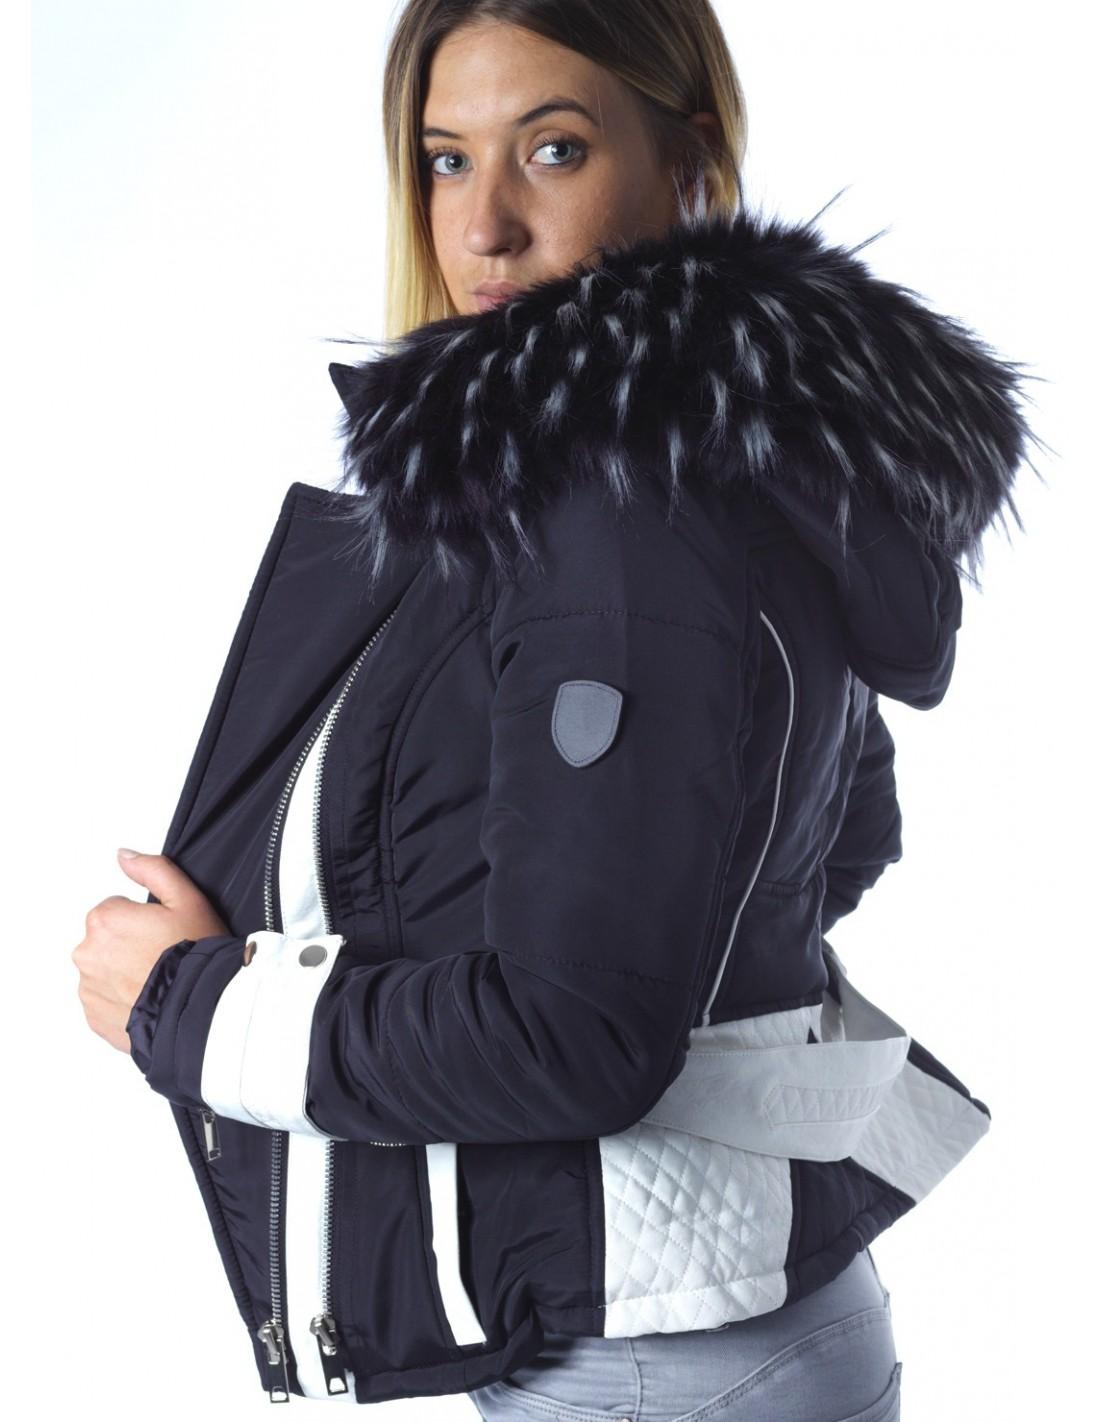 designer fashion great fit usa cheap sale Veste Fourrure capuche NOIRE WS970 Femme-www.zerda-boutique ...